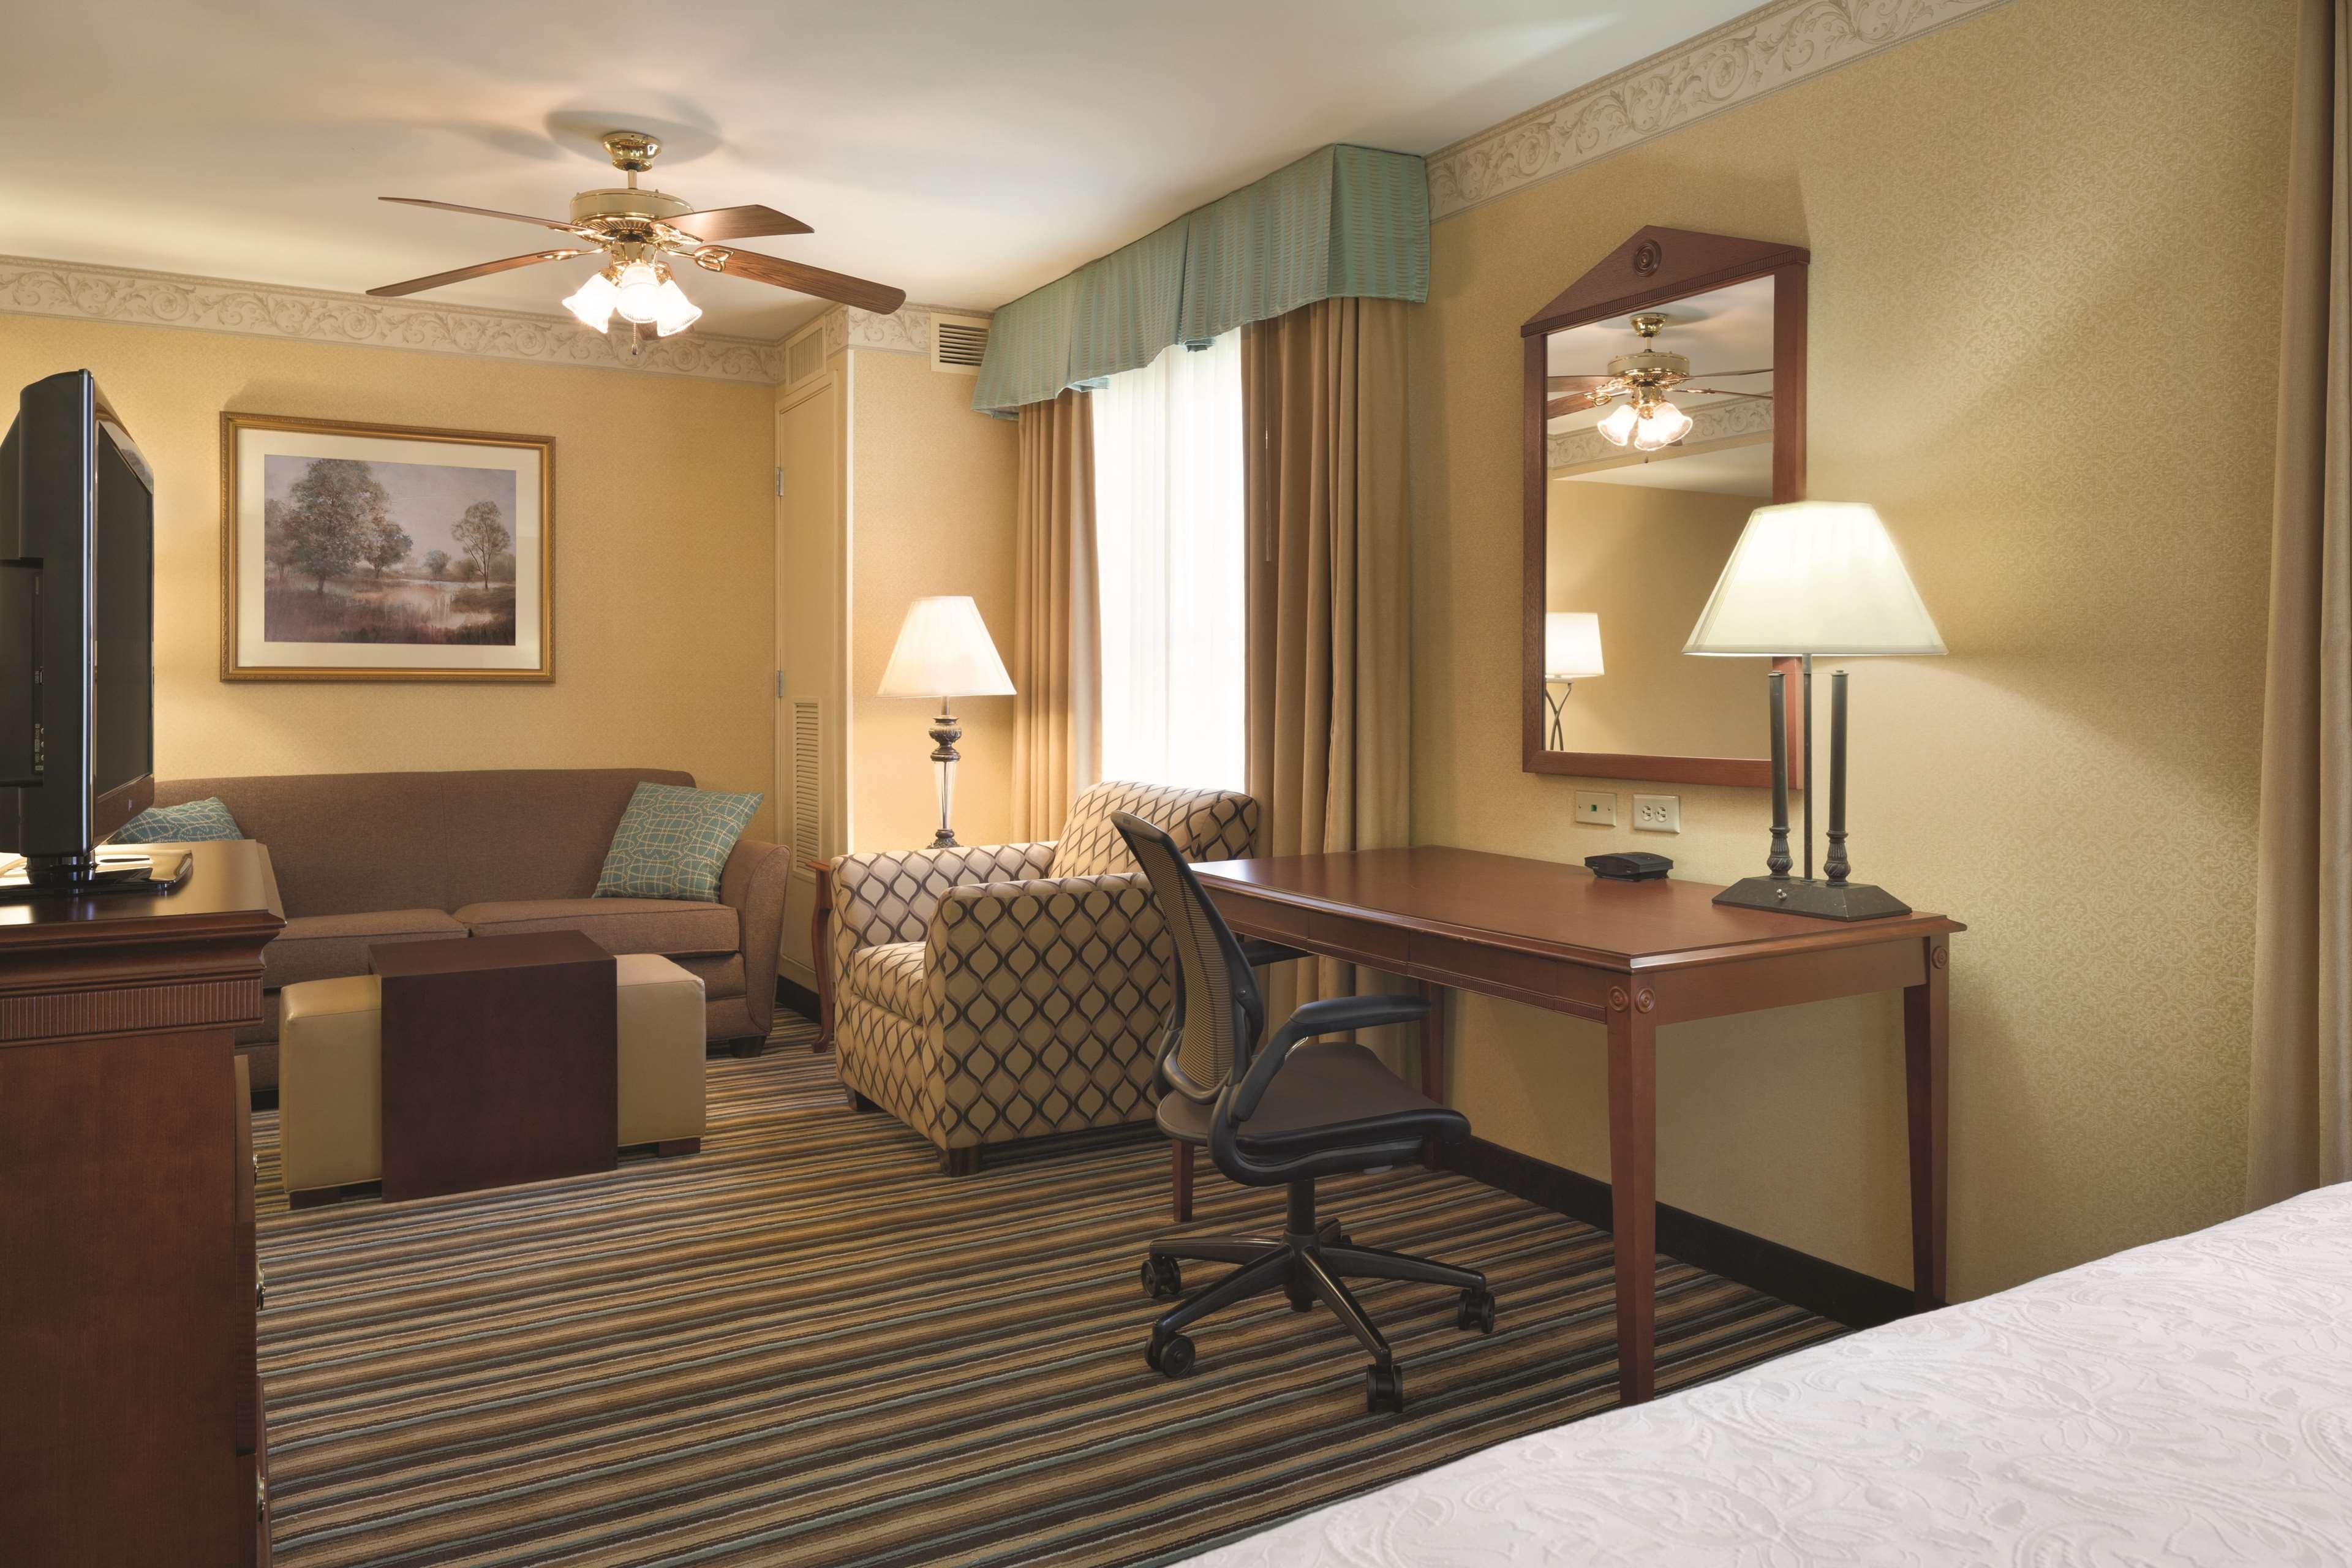 Homewood Suites by Hilton Detroit-Troy image 31